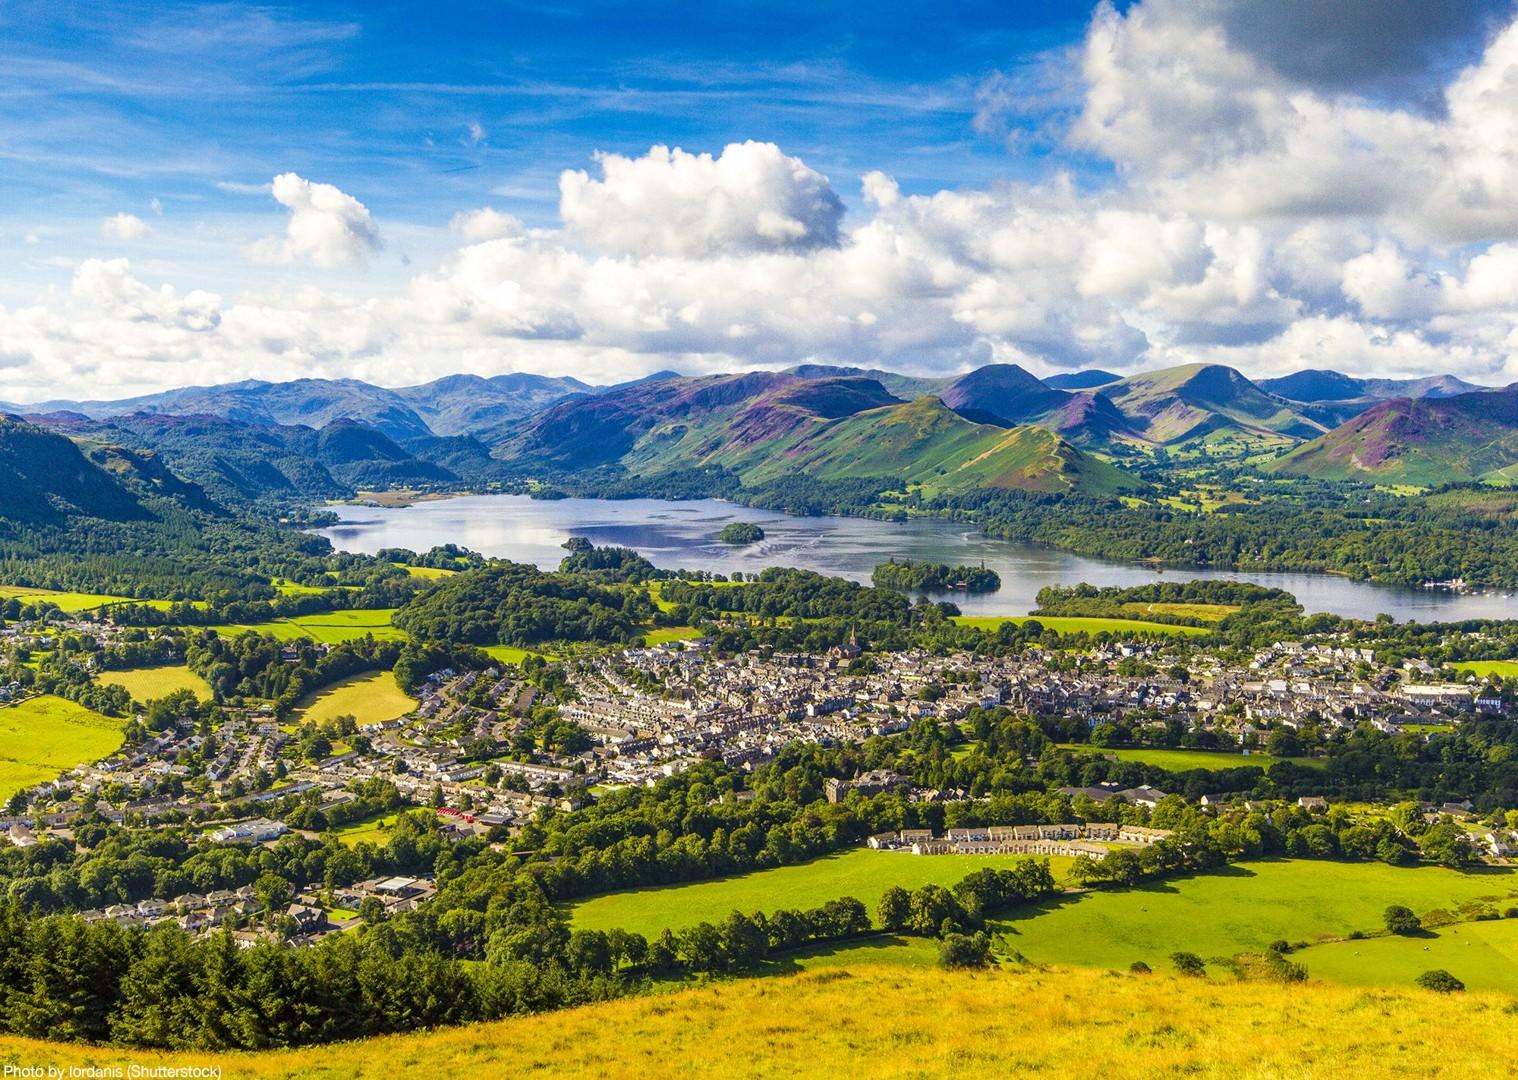 derwent-bank-keswick-hills-leisure-lakes-cycling-local-villages.jpg - UK - Lake District - Derwent Water - Guided Leisure Cycling Holiday - Leisure Cycling